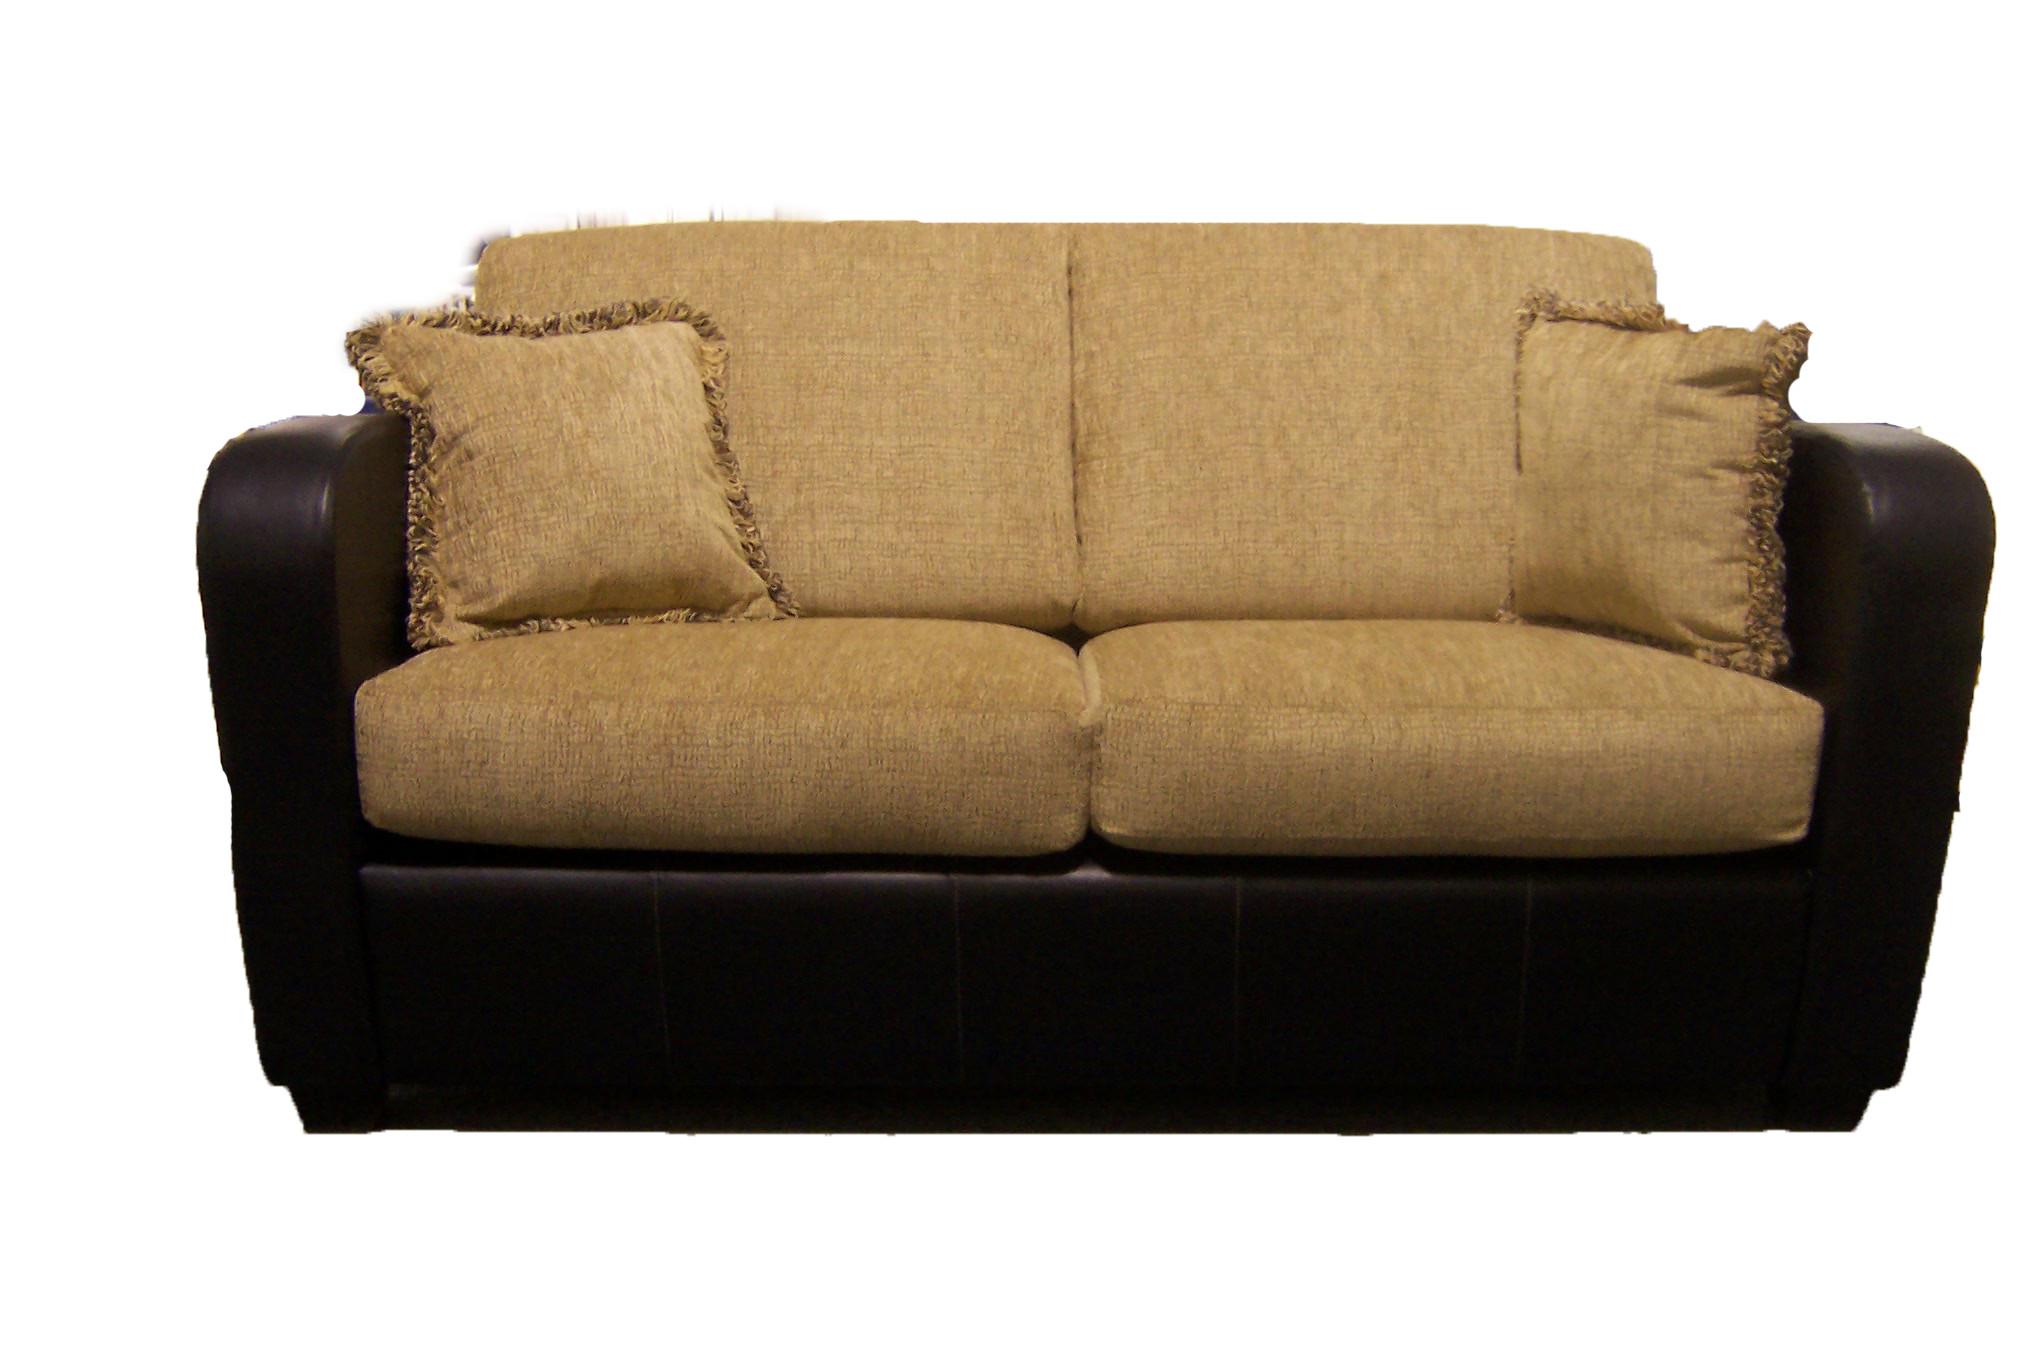 диваны еврокнижки цены купить диван кровать механизм еврокнижка в